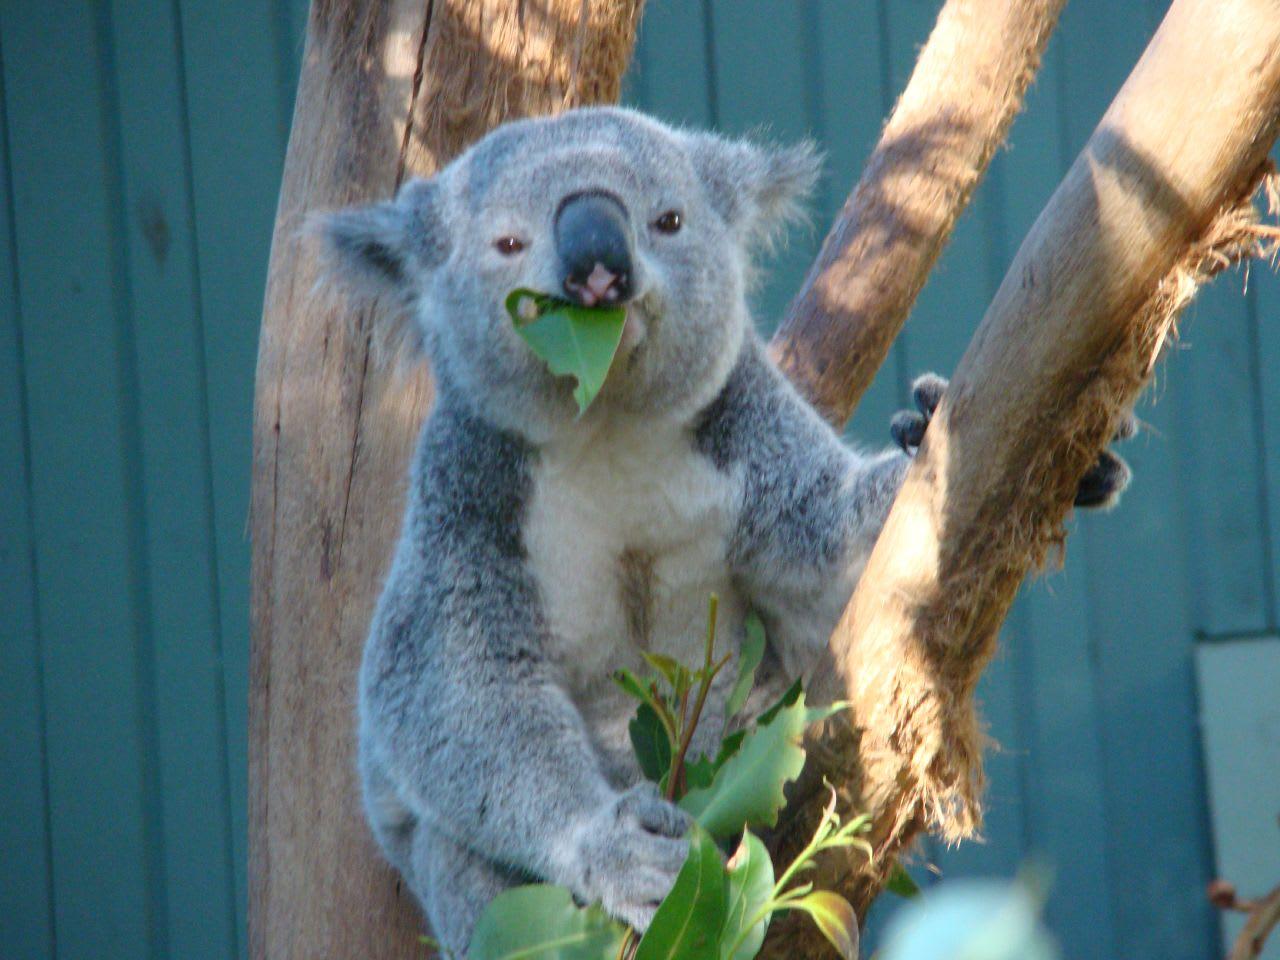 看著無尾熊吃著樹葉的模樣,感覺超級療癒!(Flickr授權作者-Brian Giesen)